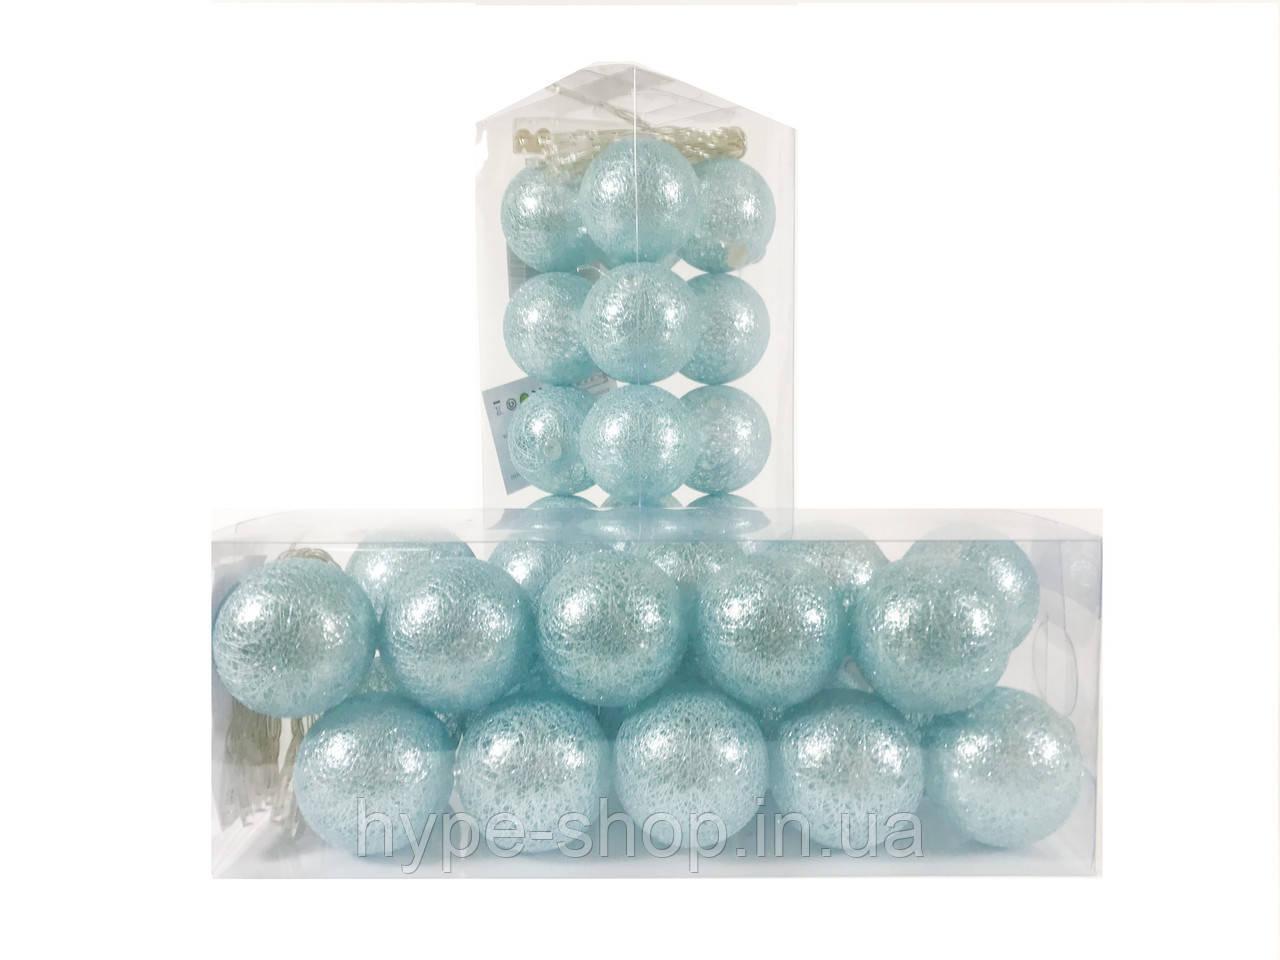 Гирлянда Тайские Шарики LTL SkyBroc Cotton Balls 20led, диам 6см, длина 330см на батарейках АА